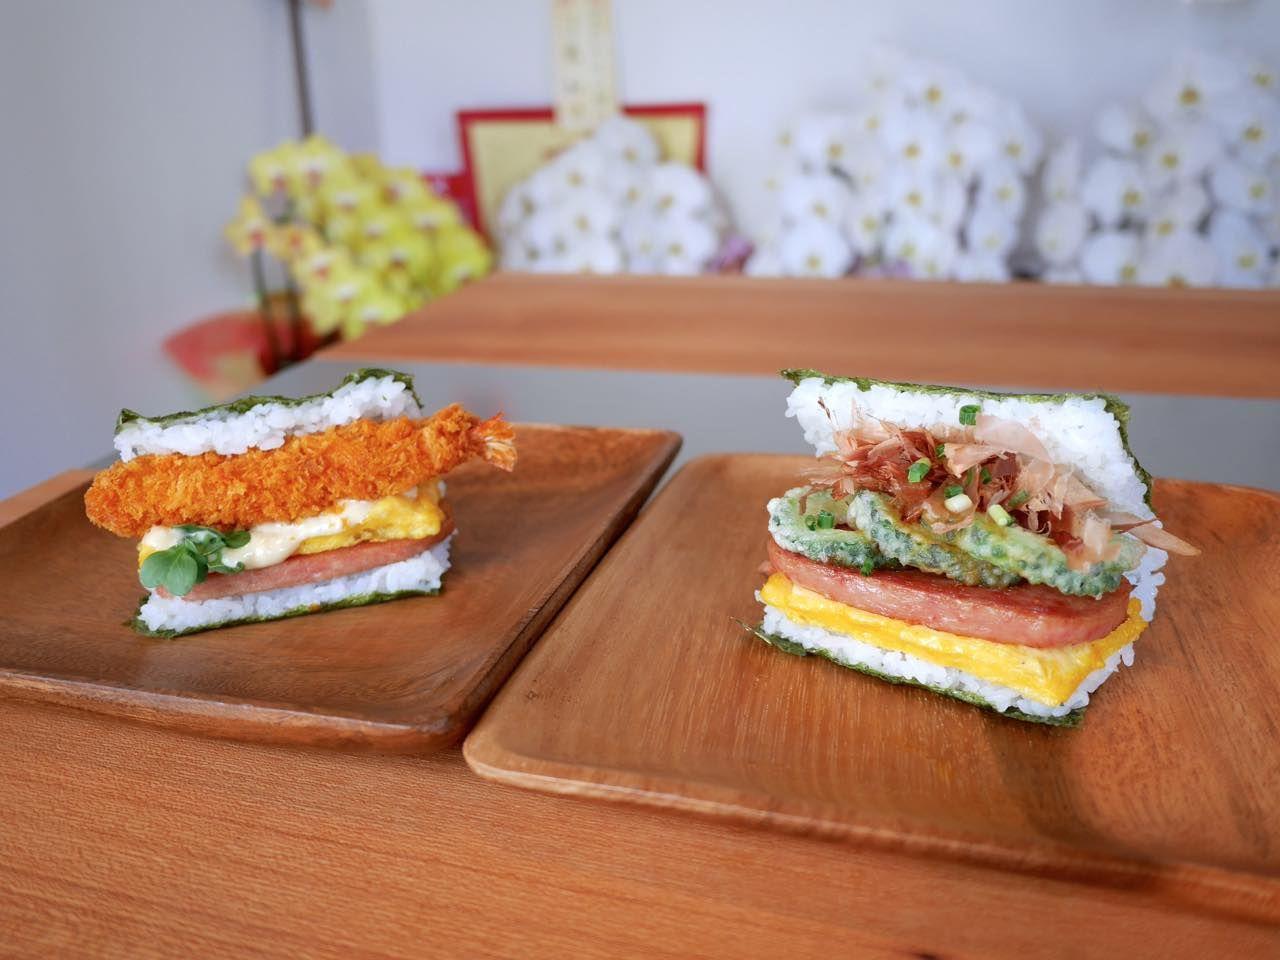 朝食は沖縄のソウルフード「ポークたまごおにぎり」を堪能